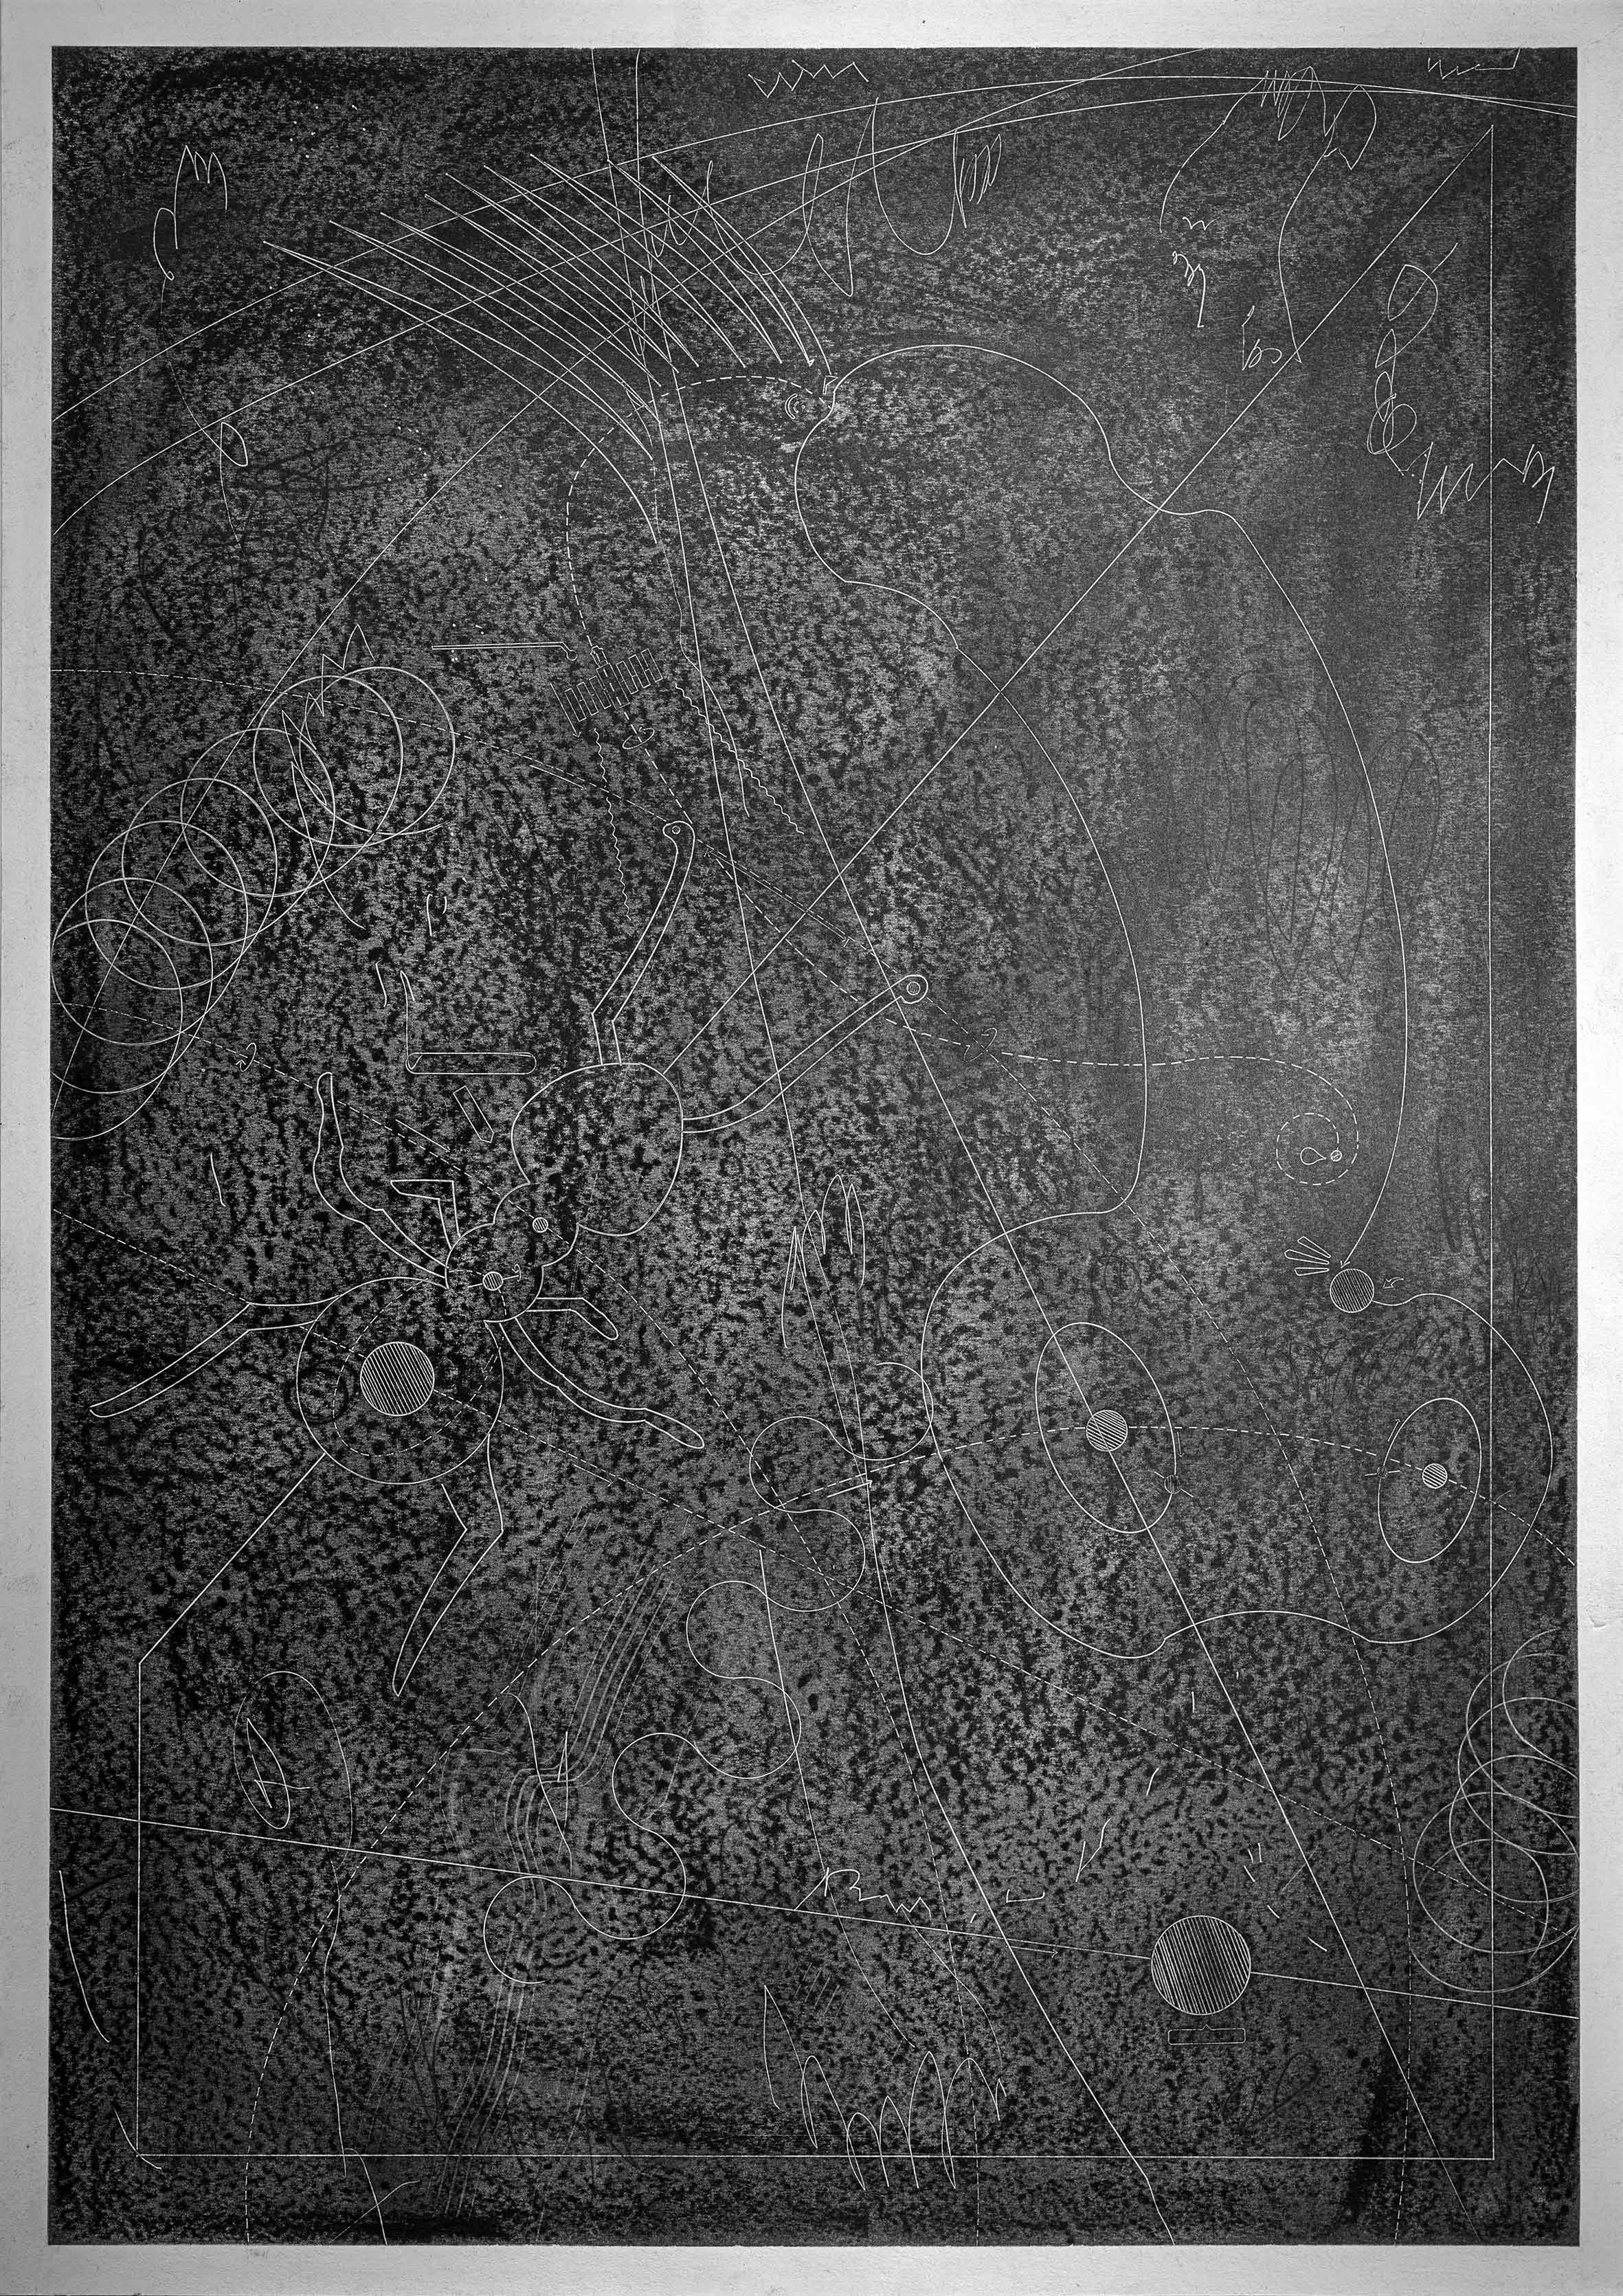 """aus der Serie """"wandering in dreams"""", Graphit und Bleistift auf Papier, 84 x 60 cm (Foto: Galerie Schloss Parz / Christoph Koch)"""